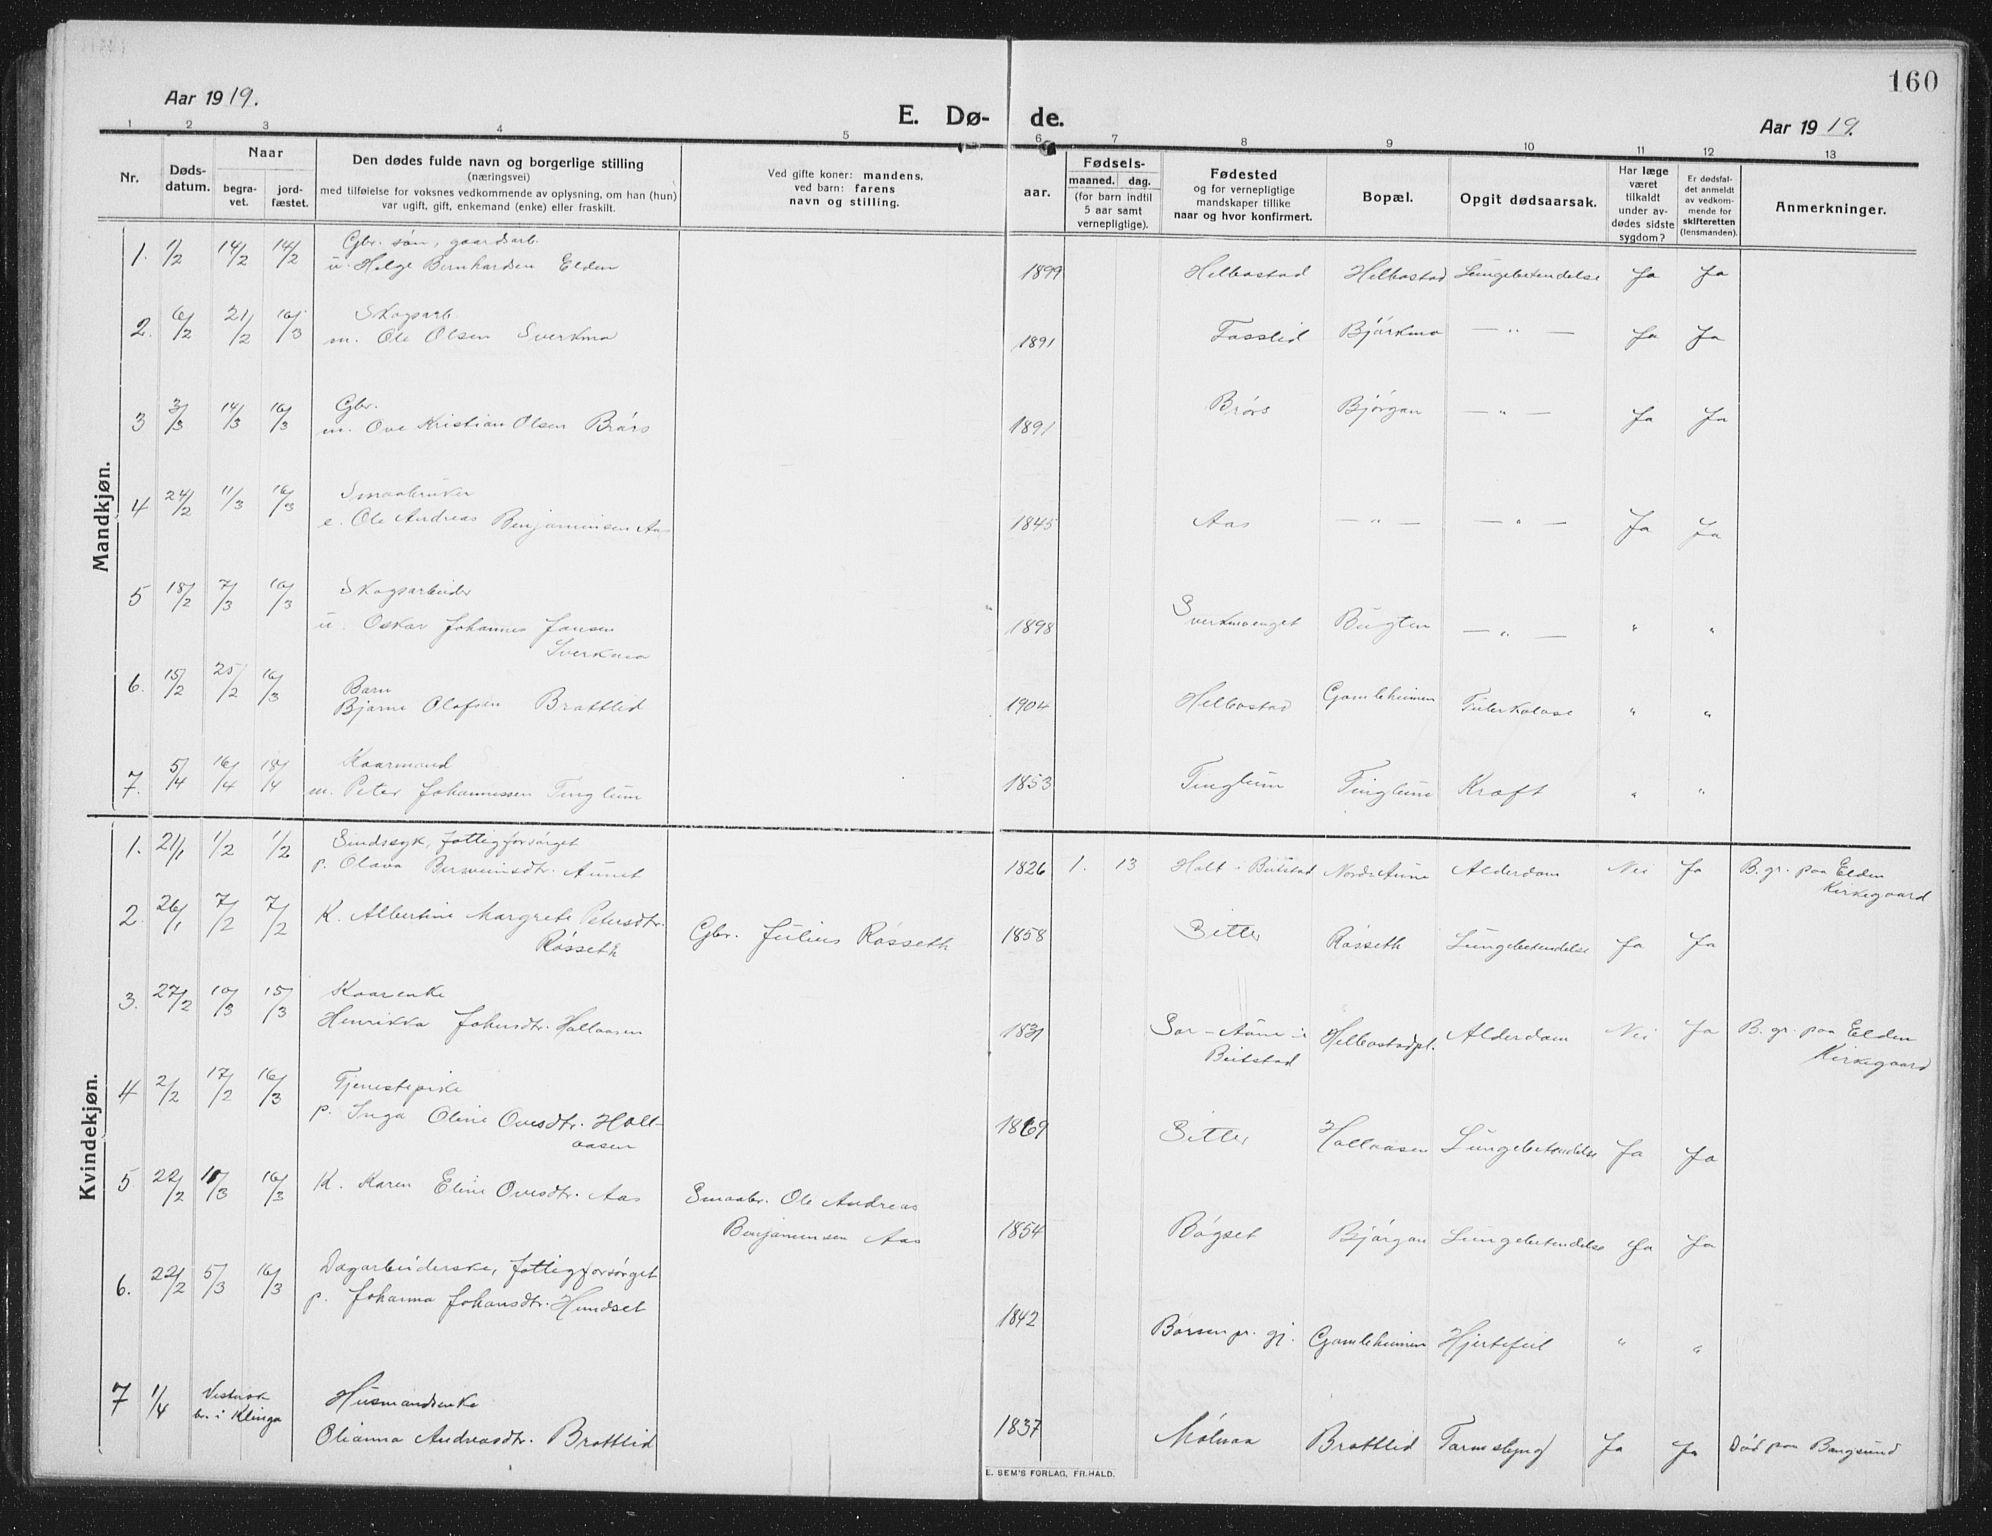 SAT, Ministerialprotokoller, klokkerbøker og fødselsregistre - Nord-Trøndelag, 742/L0413: Klokkerbok nr. 742C04, 1911-1938, s. 160